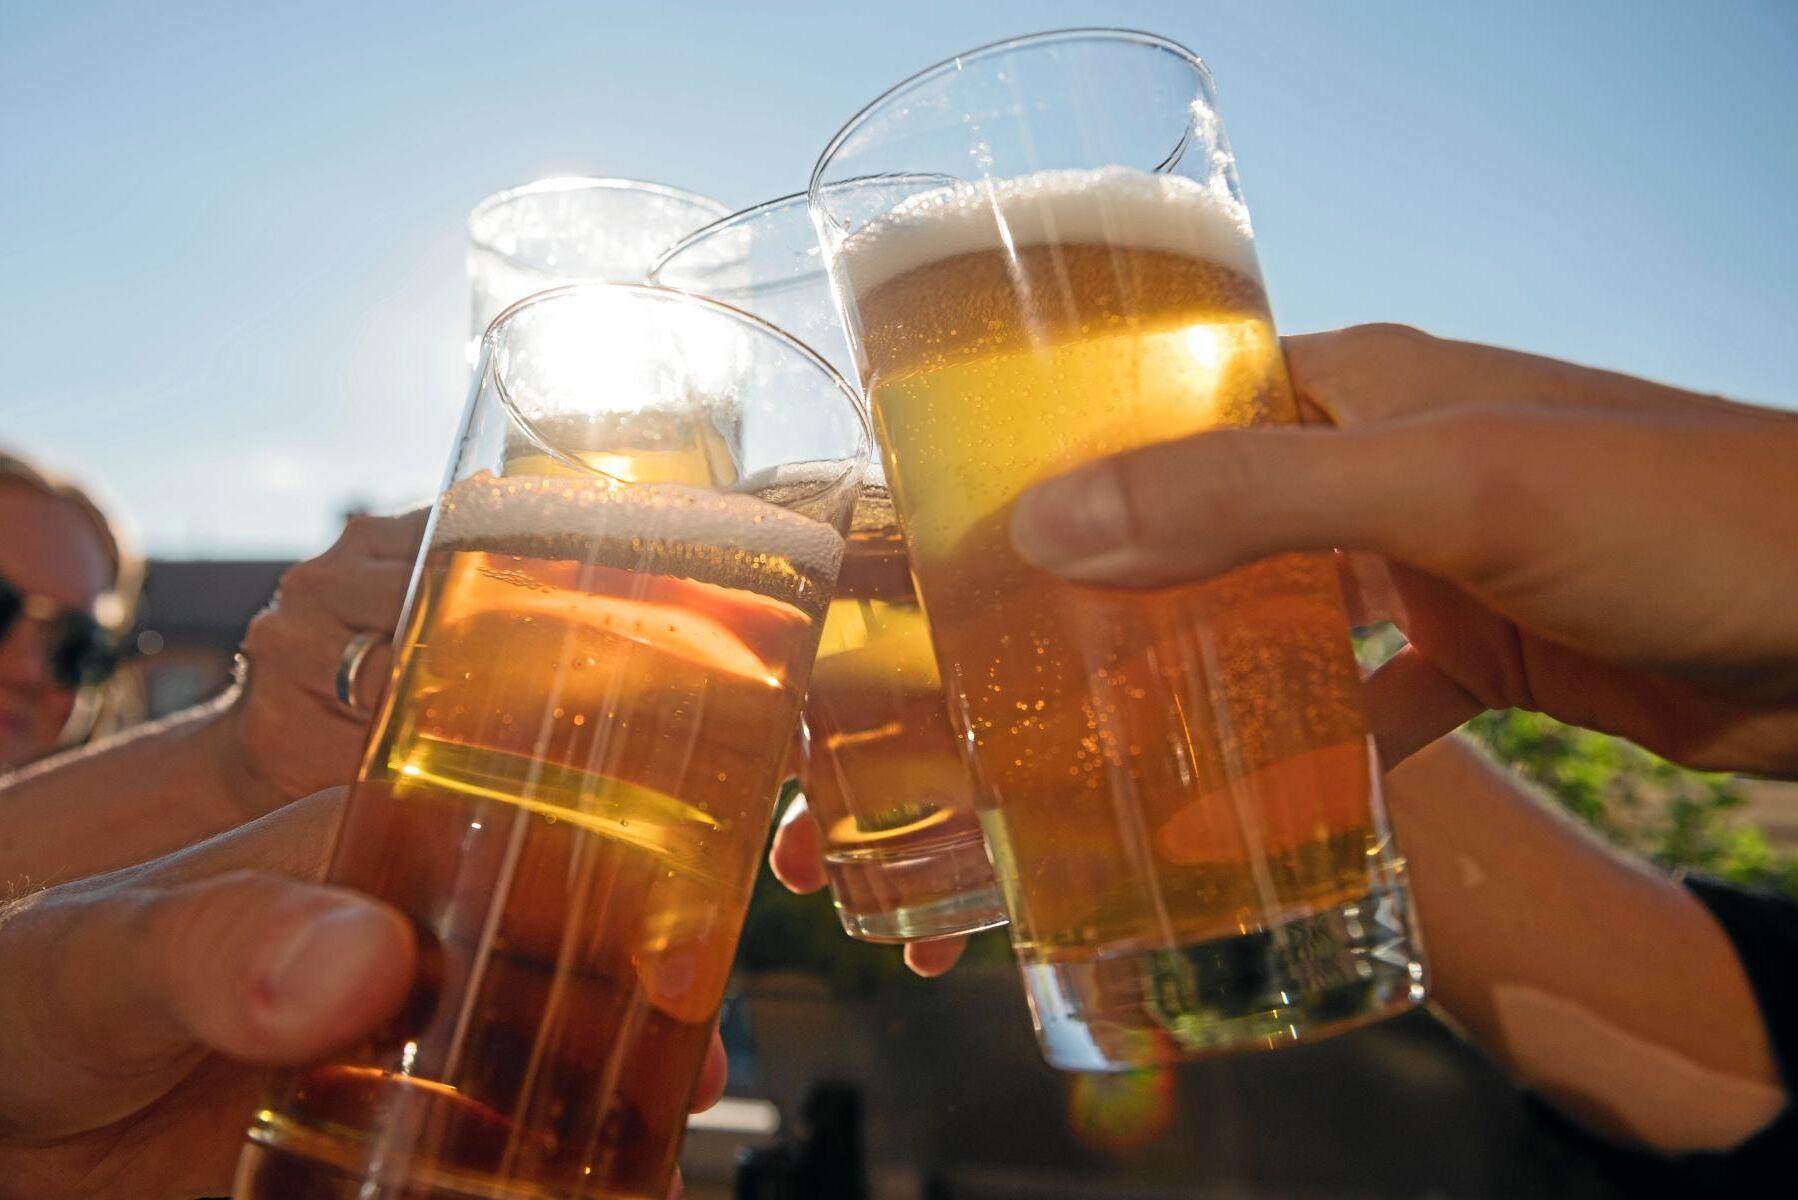 Värmeböljan och fotbolls-VM har inneburit klirr i kassan – och kan göra 2018 till det bästa året hittills för den svenska bryggerinäringen. Arkivbild.